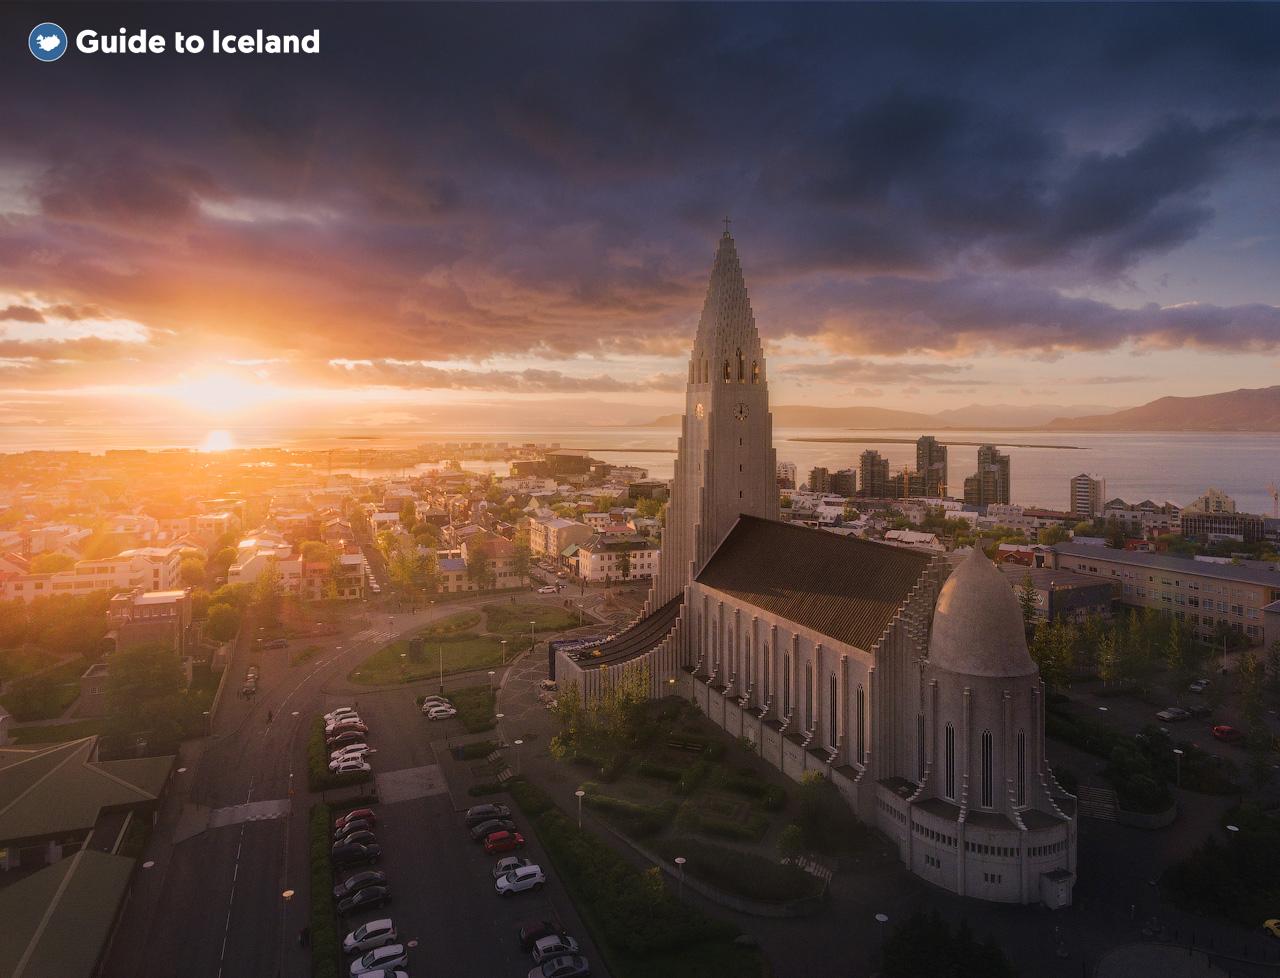 Die Hallgrimskirkja-Kirche im Zentrum von Reykjavik.